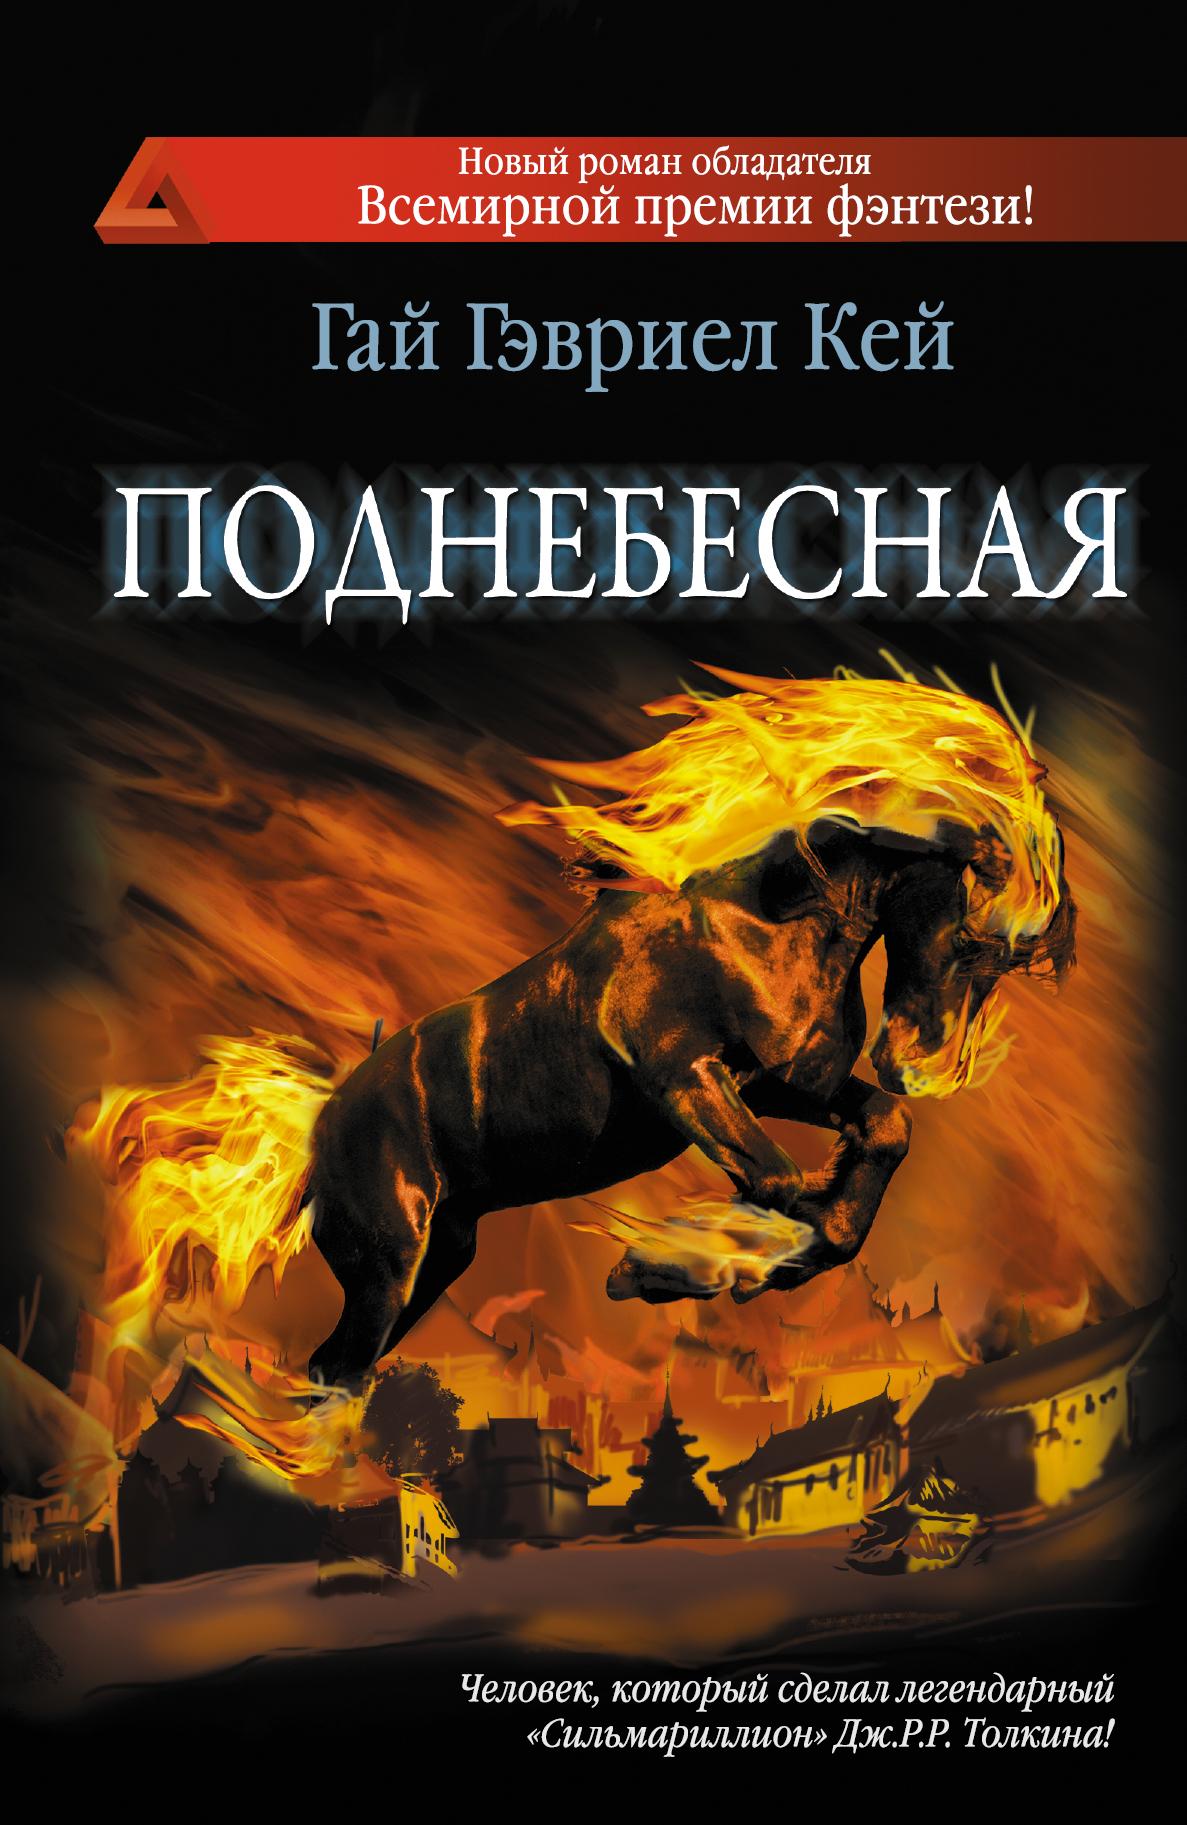 Книга Поднебесная